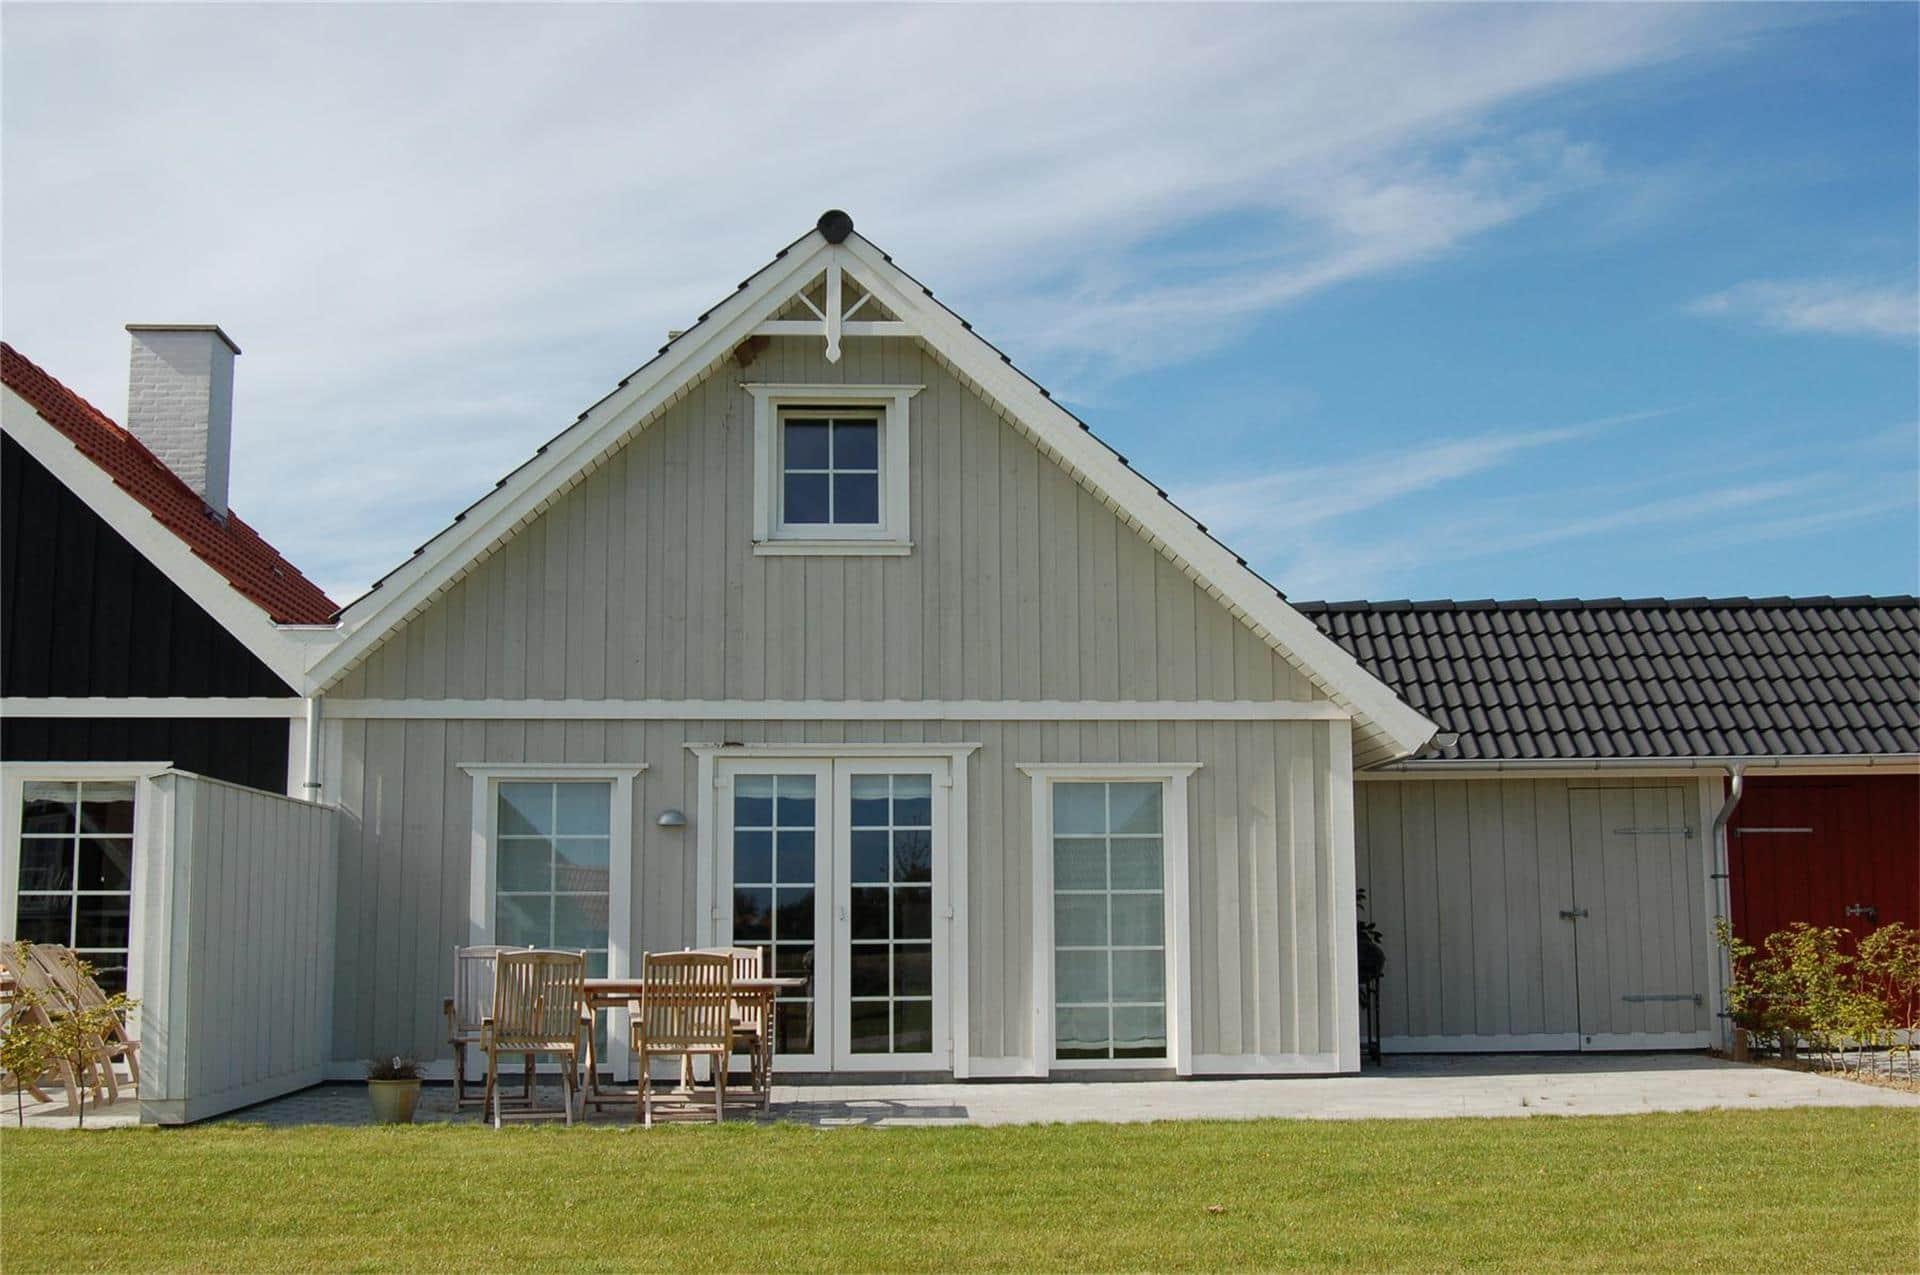 Billede 1-3 Sommerhus M64345, Strandgårdsvej 113, DK - 5464 Brenderup Fyn